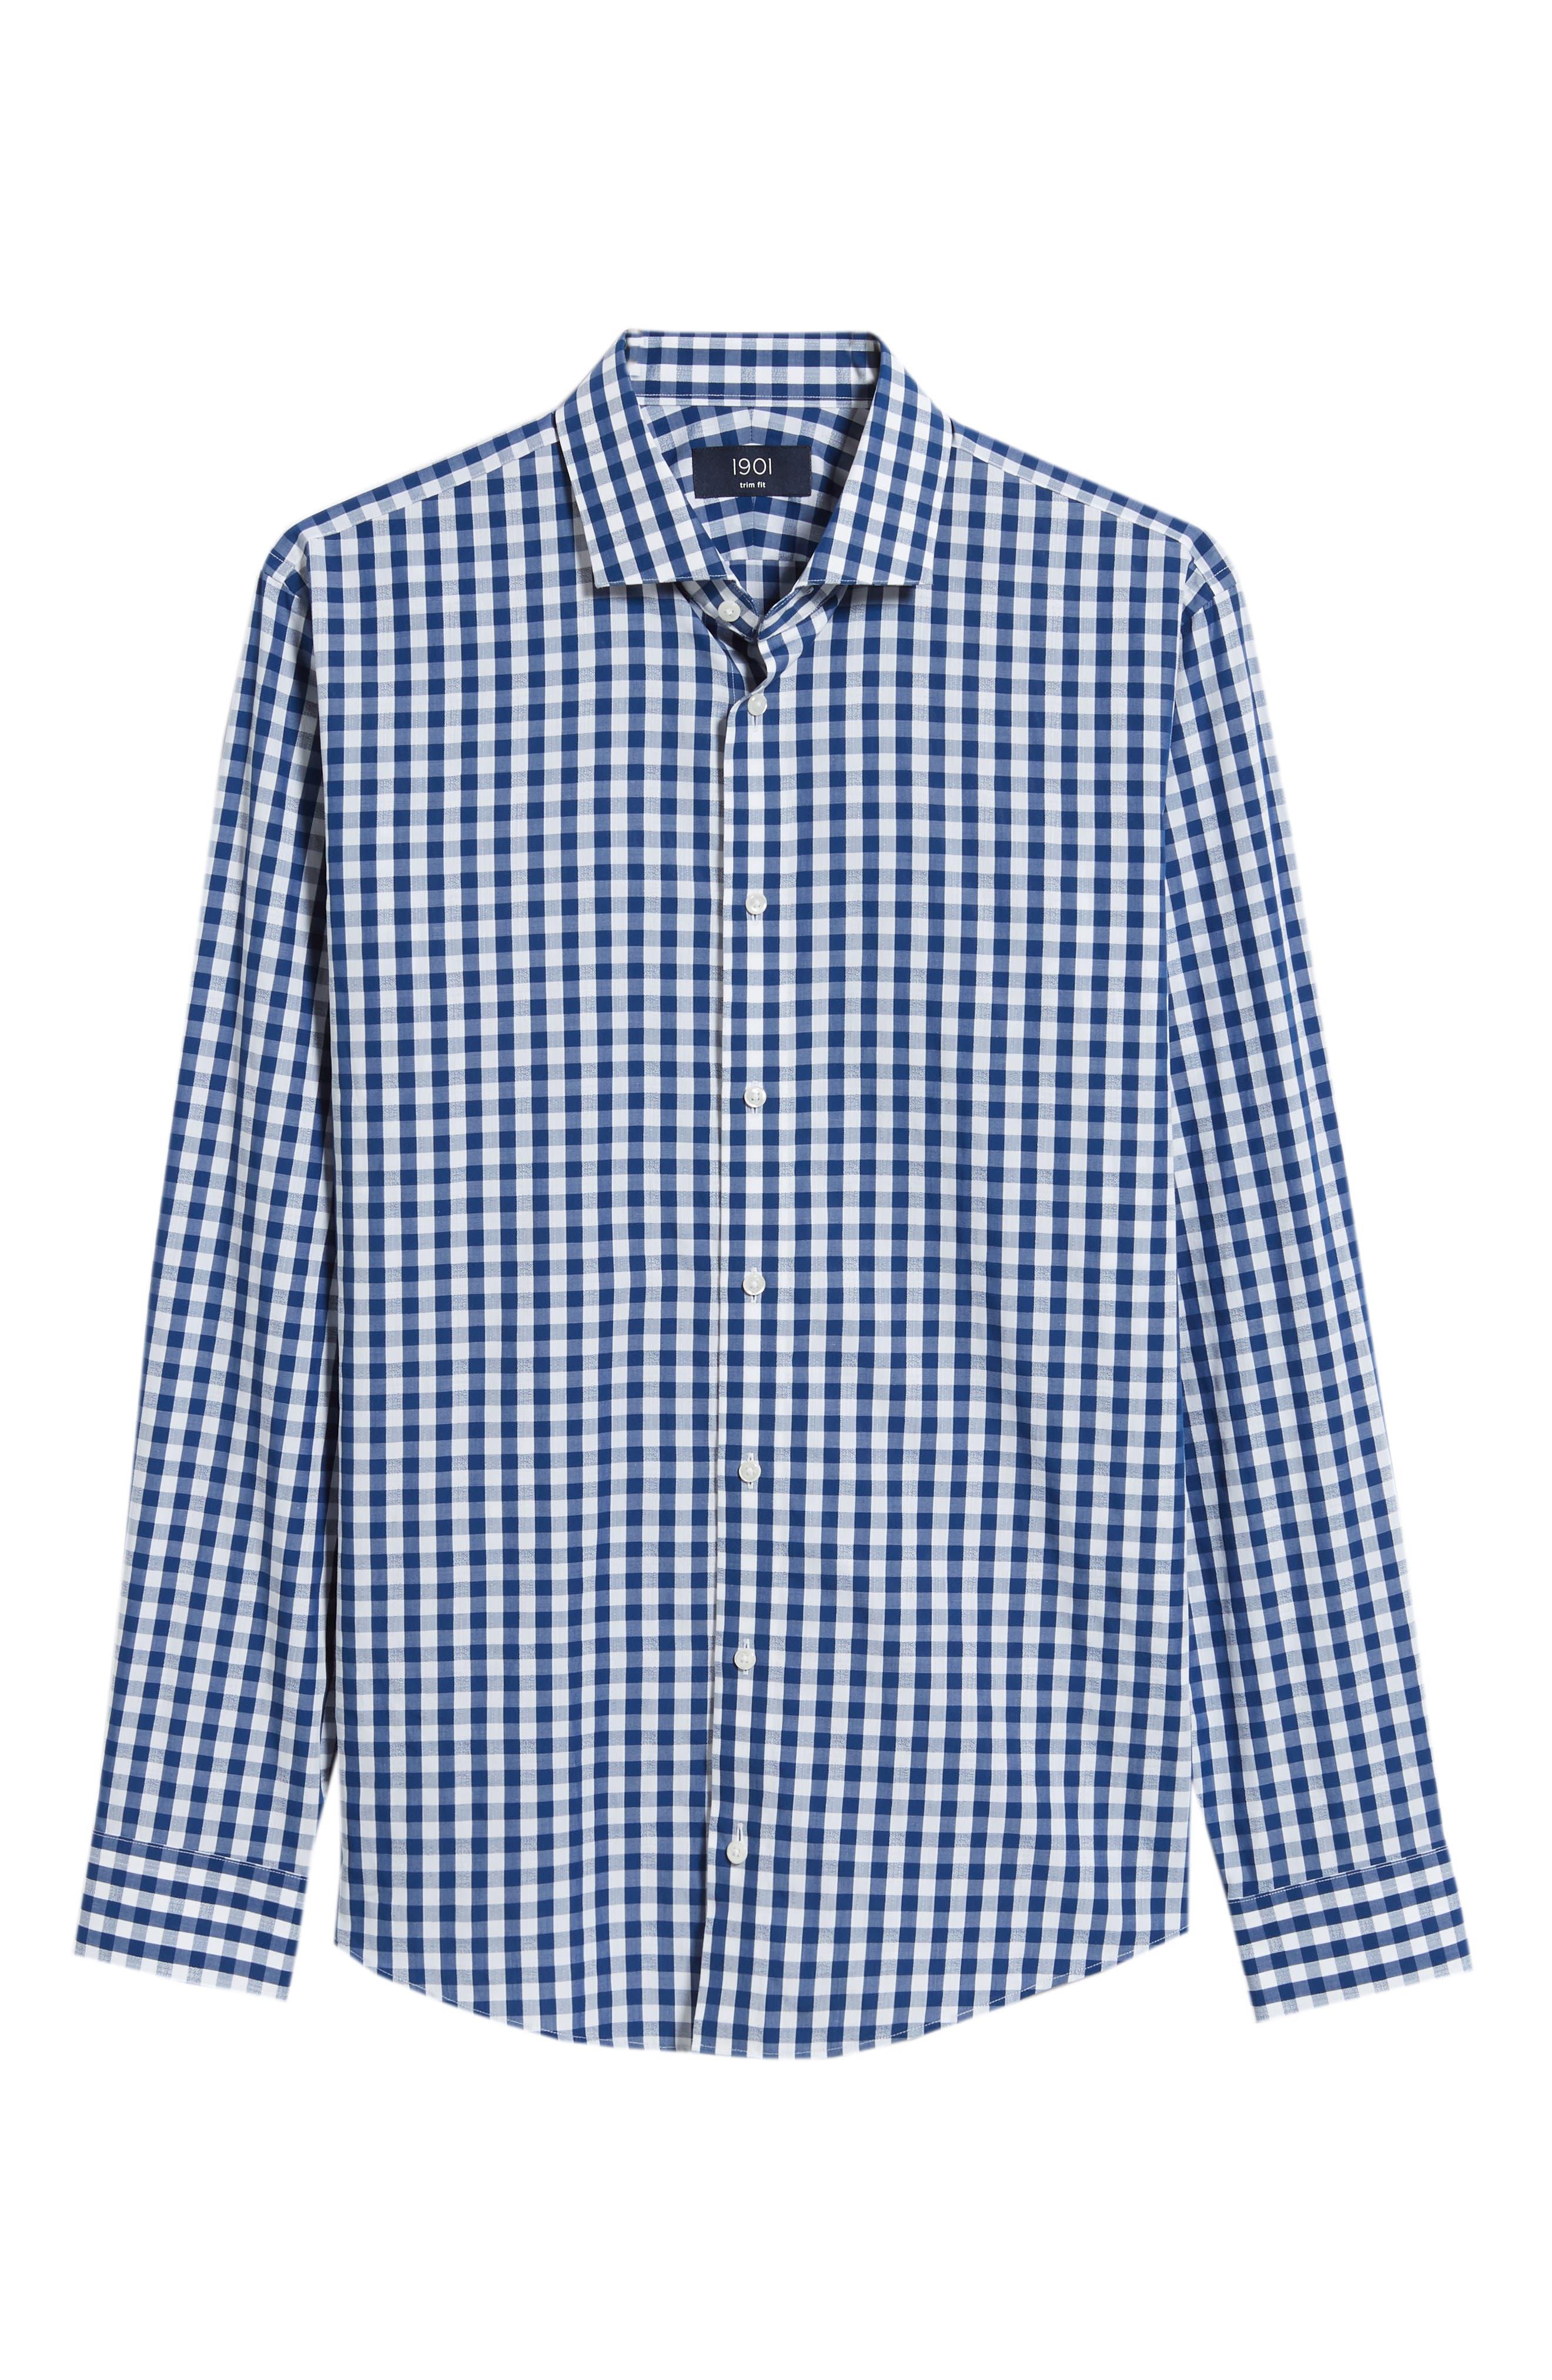 Trim Fit Check Dress Shirt,                             Alternate thumbnail 5, color,                             BLUE CASPIA